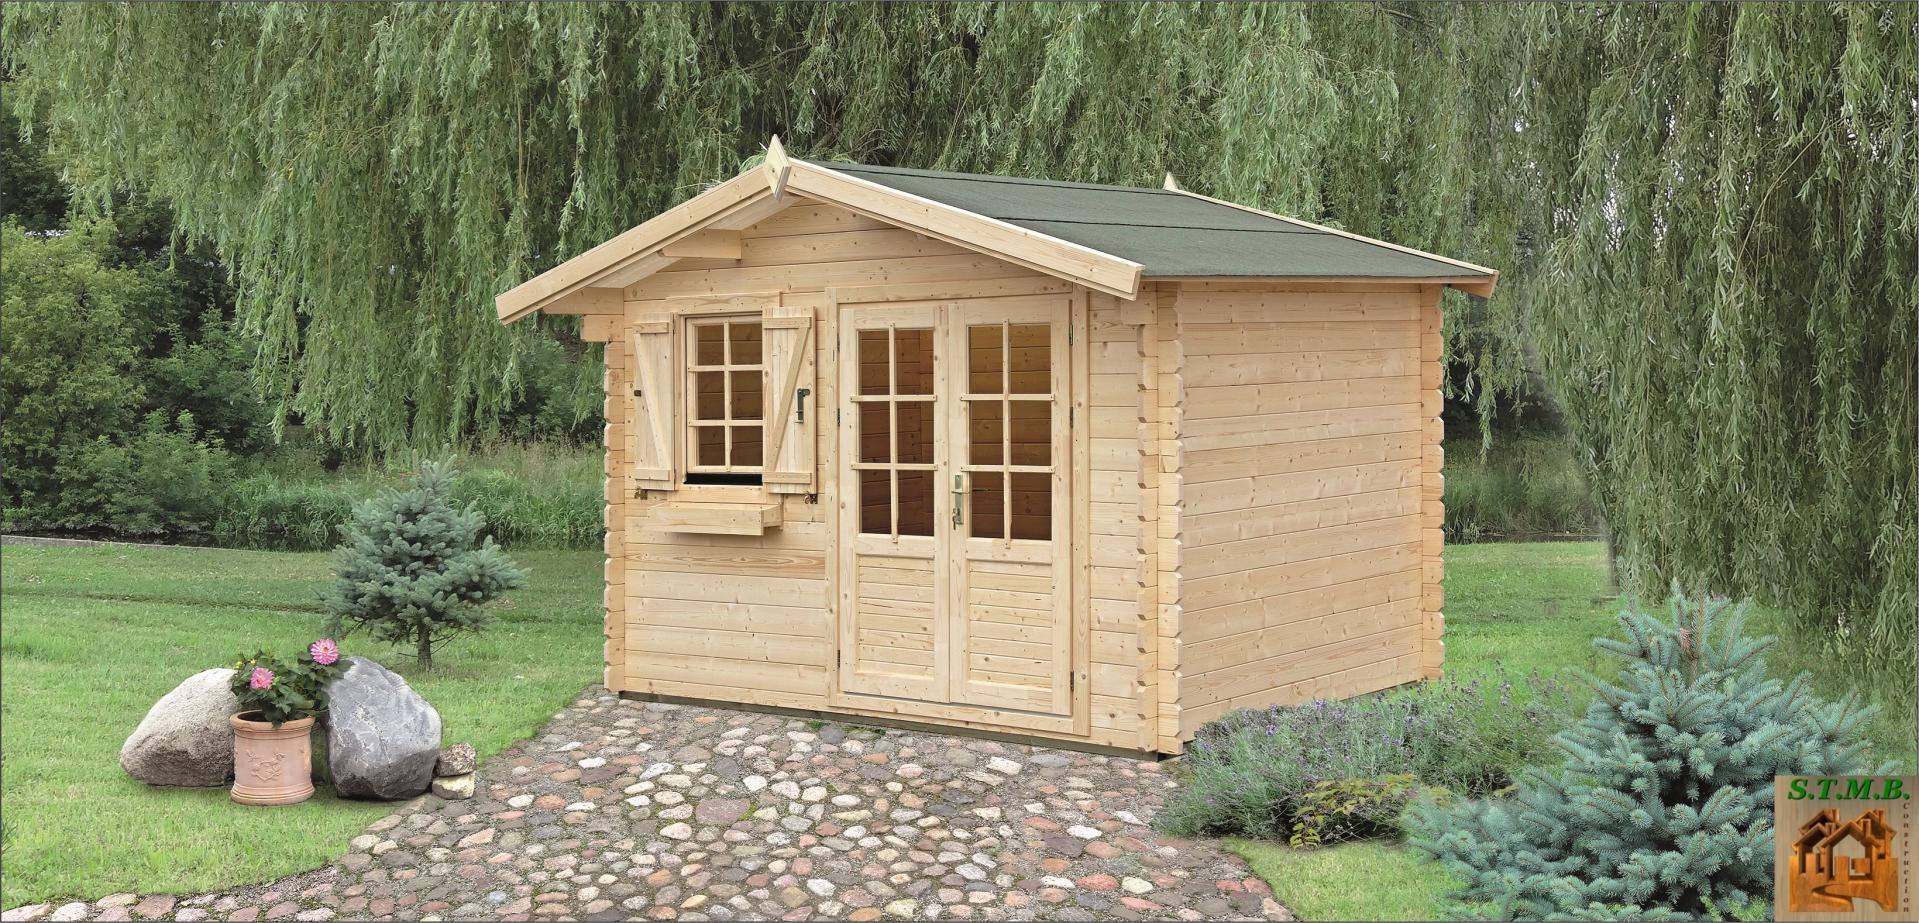 Cabane Jardin Pas Cher | Stmb-Construction-Chalets-Bois pour Abri De Jardin Habitable